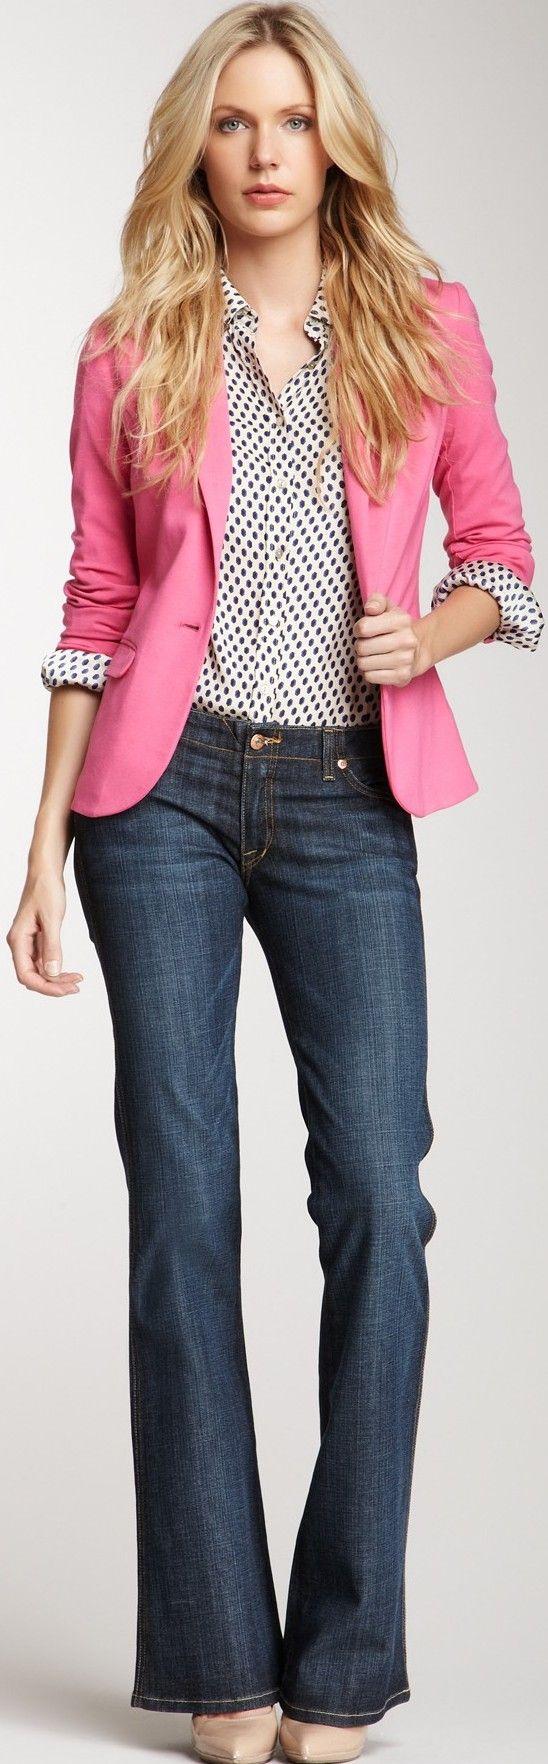 blazer rosa com camisa poá